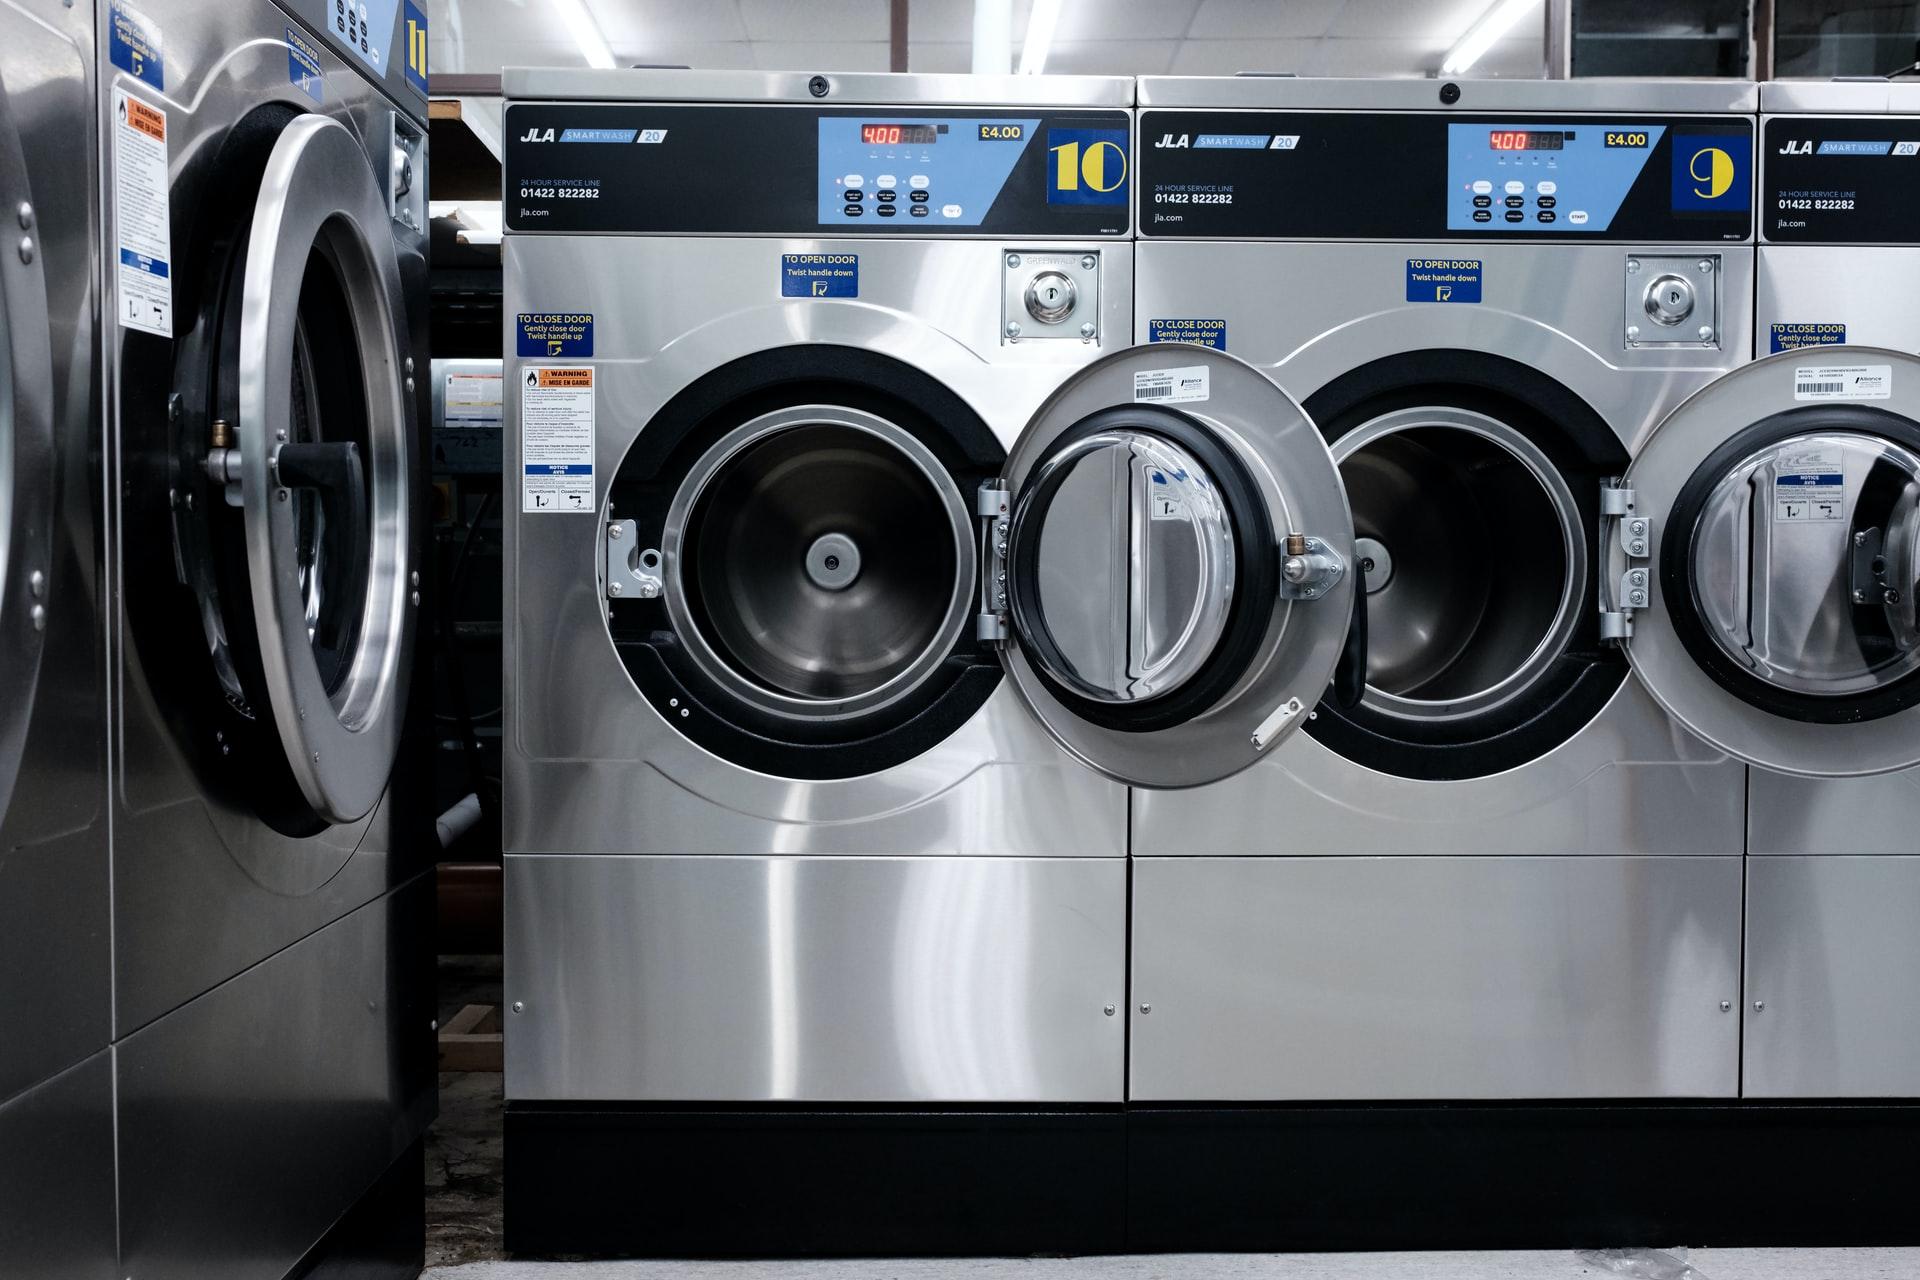 Kućanski aparati dobit će nove oznake